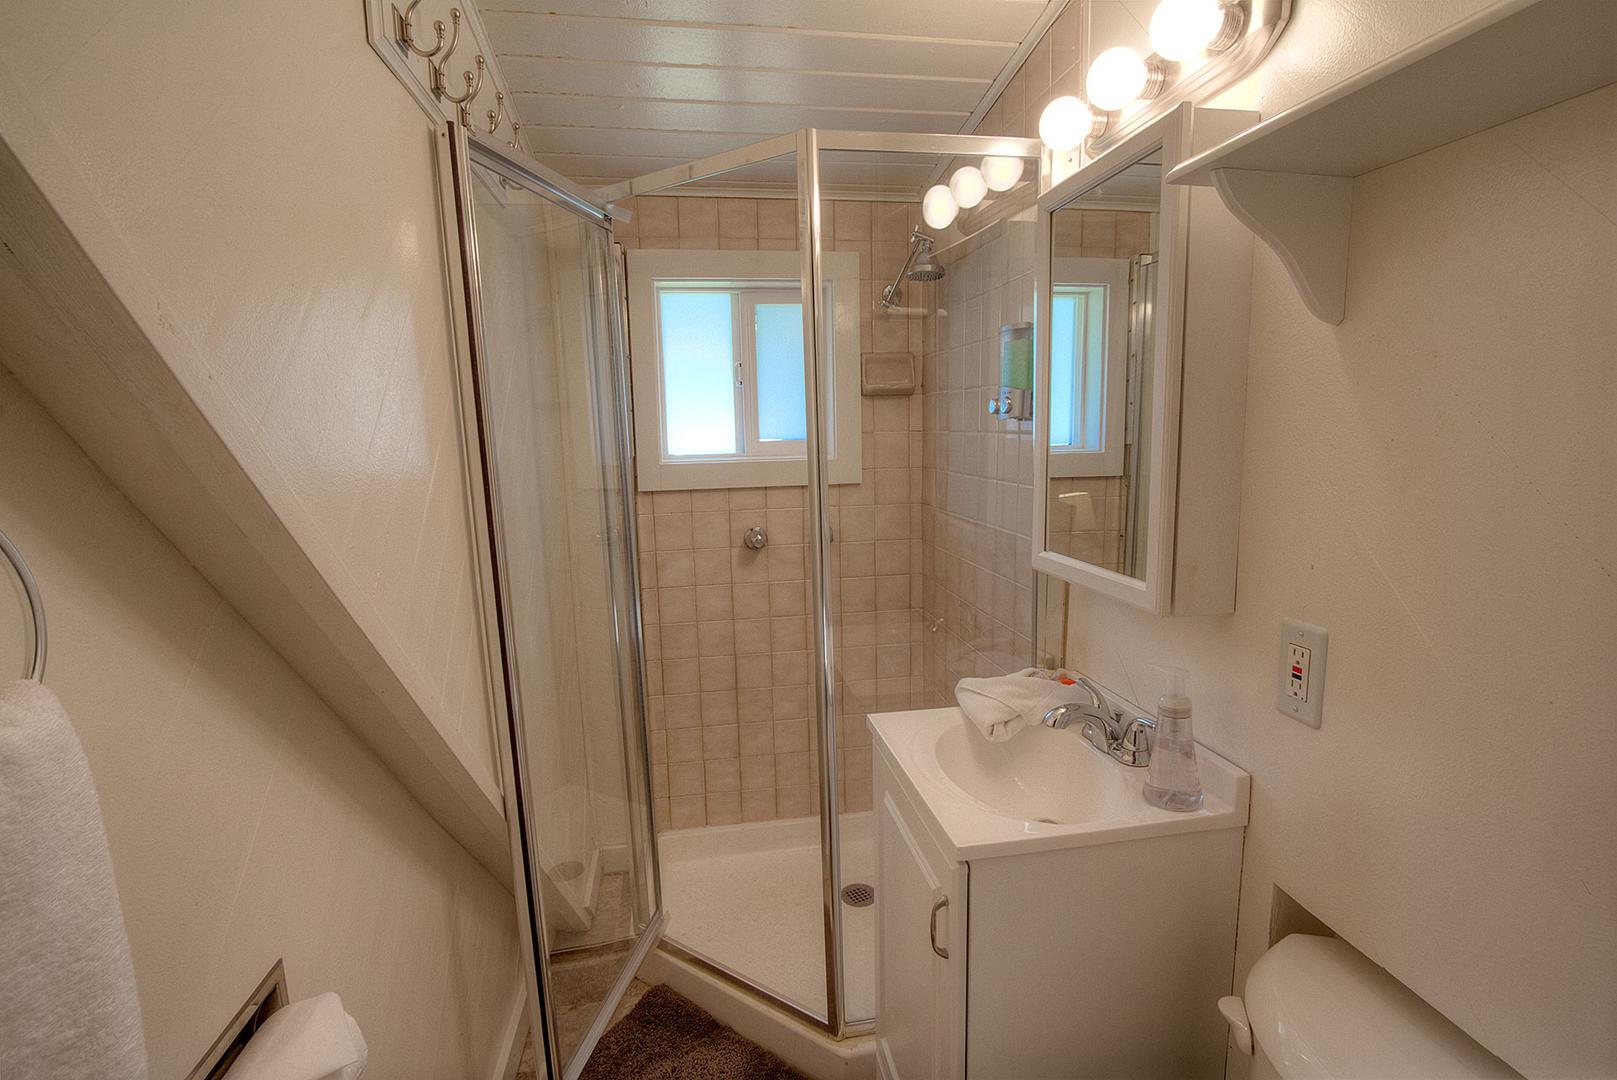 cyh0776 bathroom